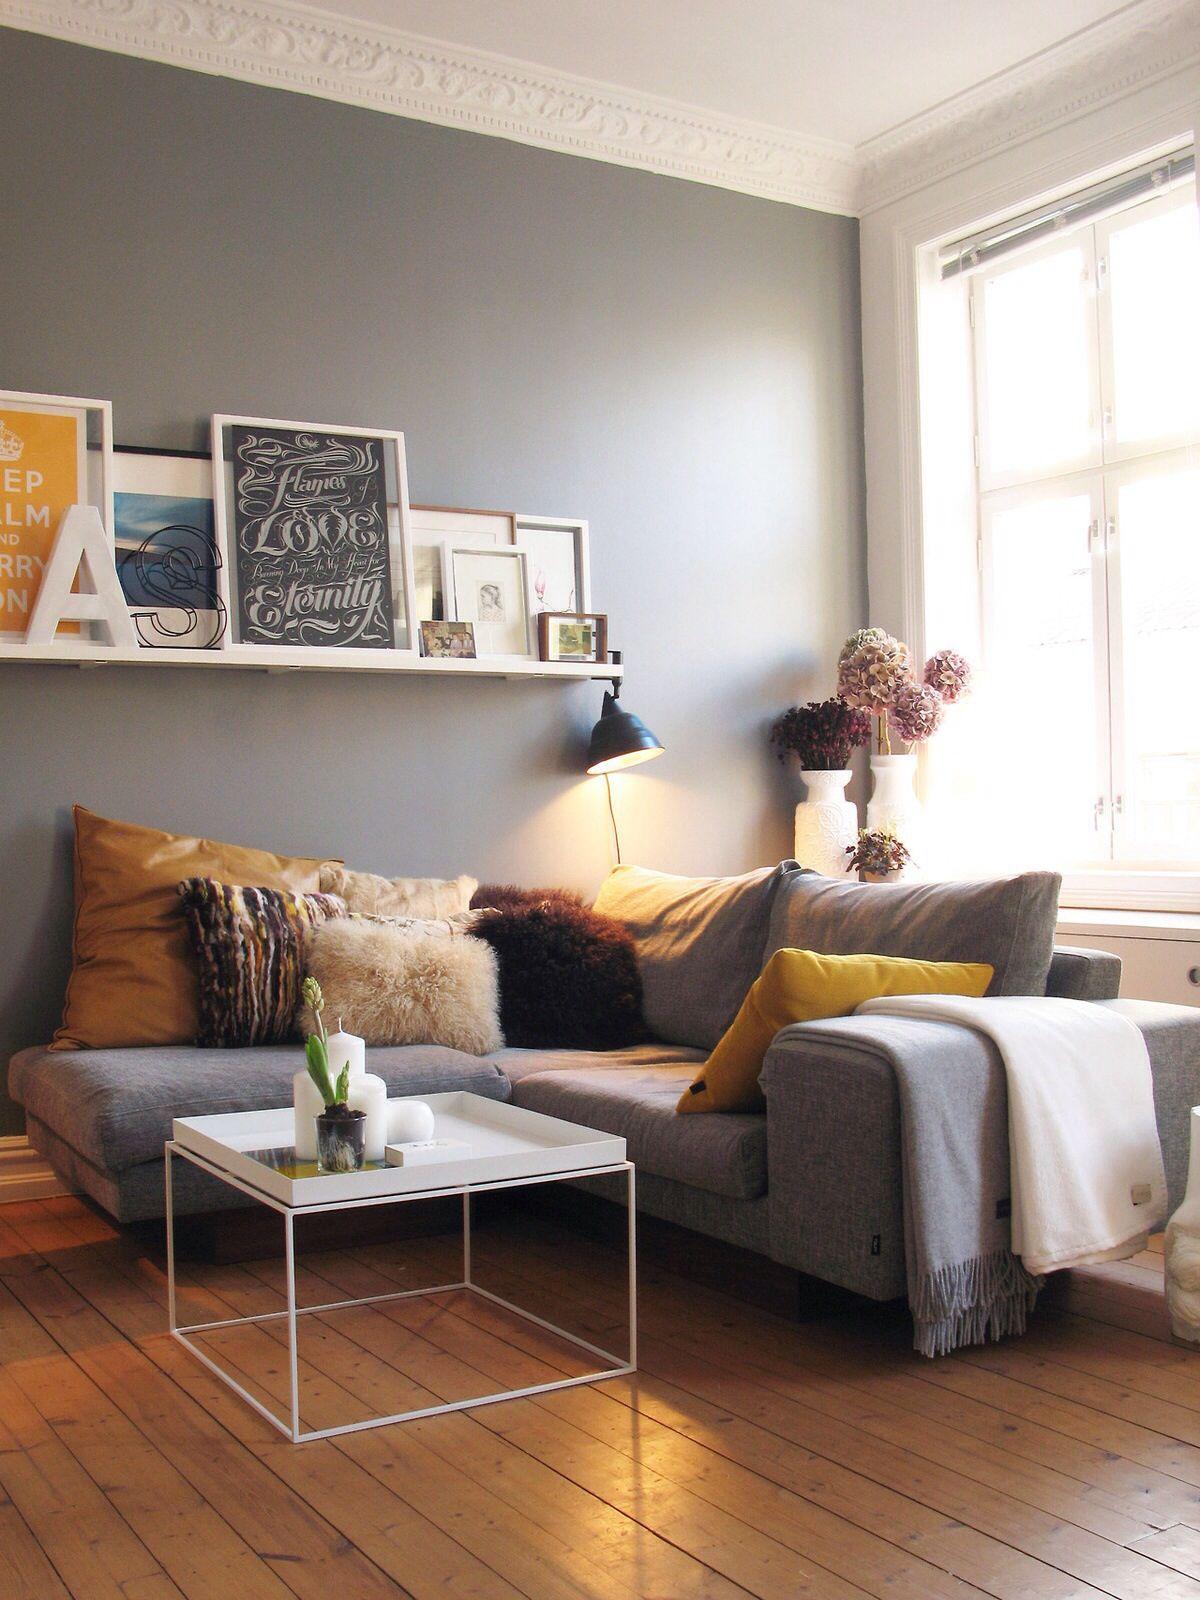 Pin von Hannah Jackson auf Dream home(s) | Pinterest